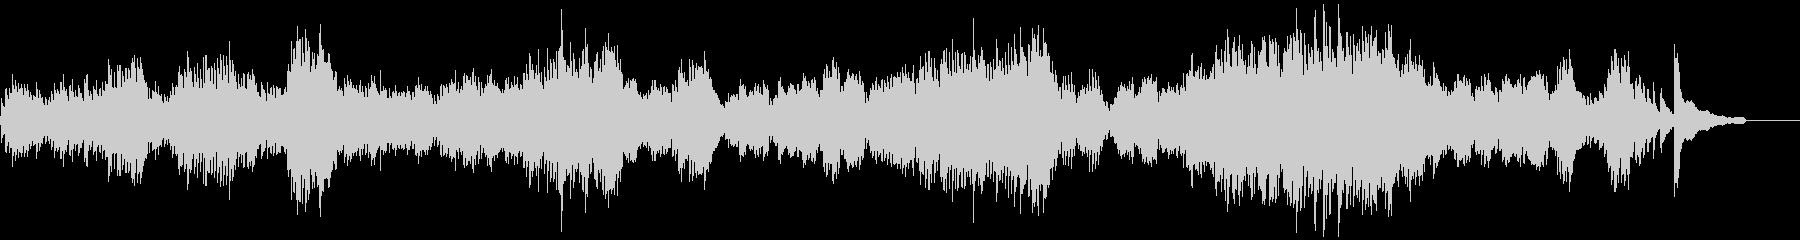 バッハ平均律クラヴィーア曲集の最初の曲の未再生の波形